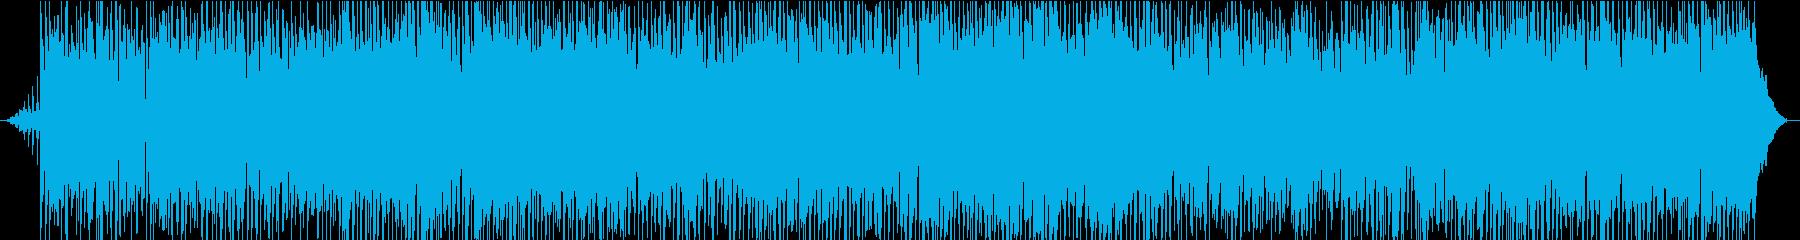 軽快なクリスマスポップスの再生済みの波形